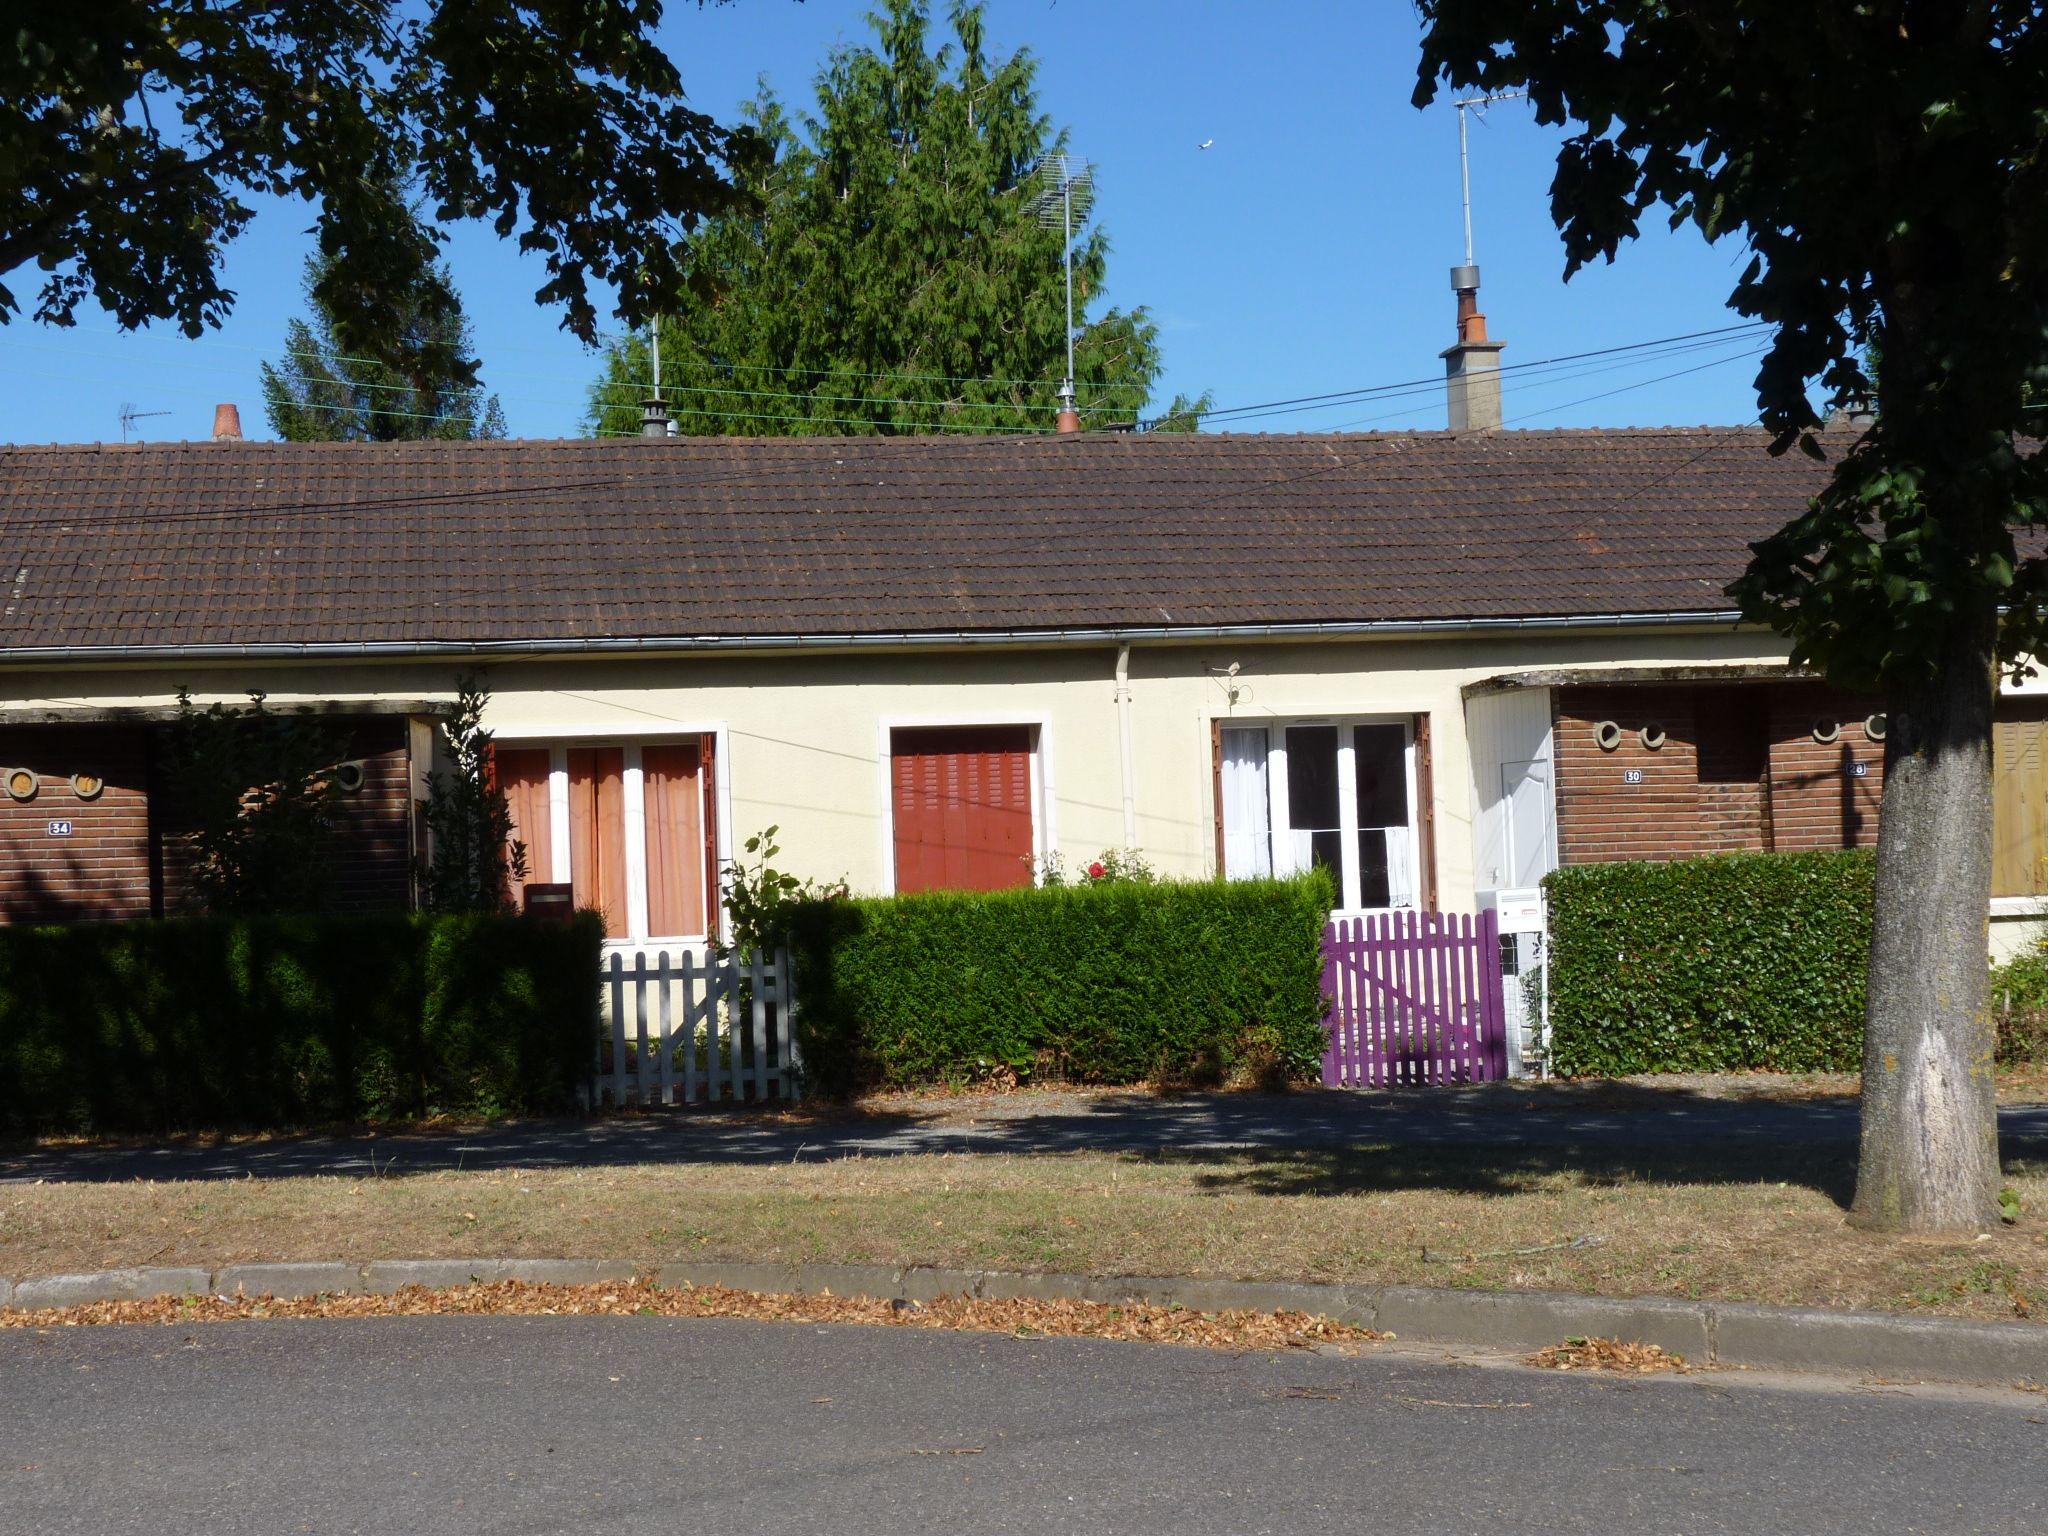 Logement alen on locataion maison t4 orne for Entretien exterieur locataire